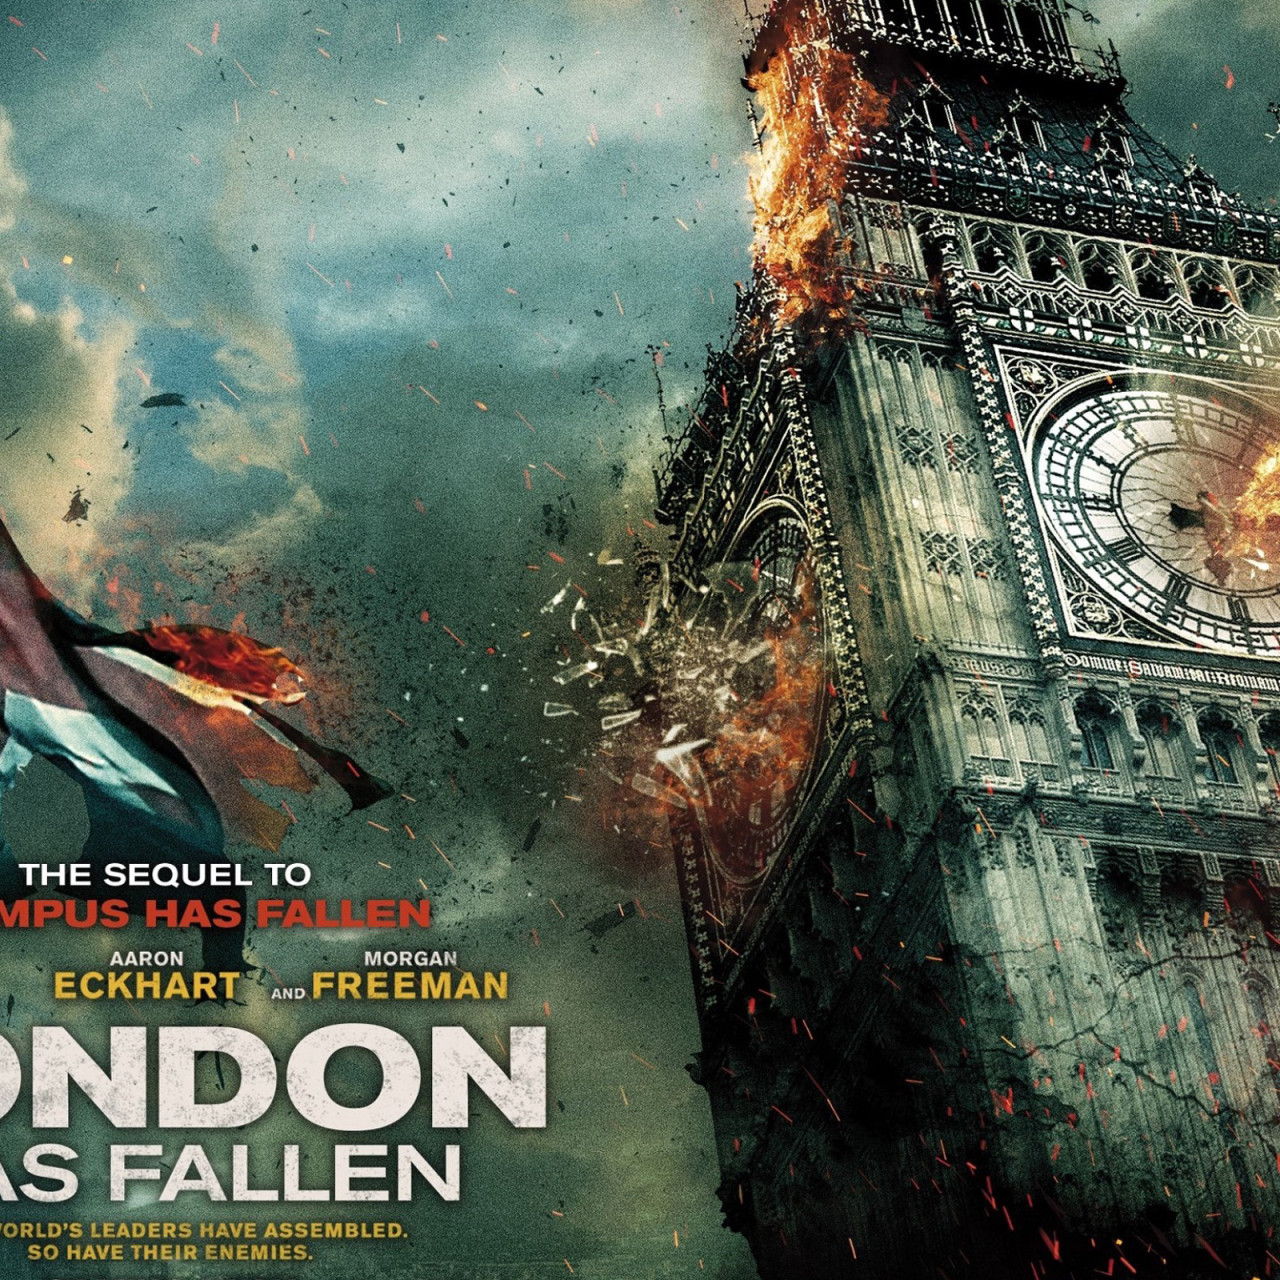 London Has Fallen 2015 Movie HD Wallpaper 4926 1280x1280